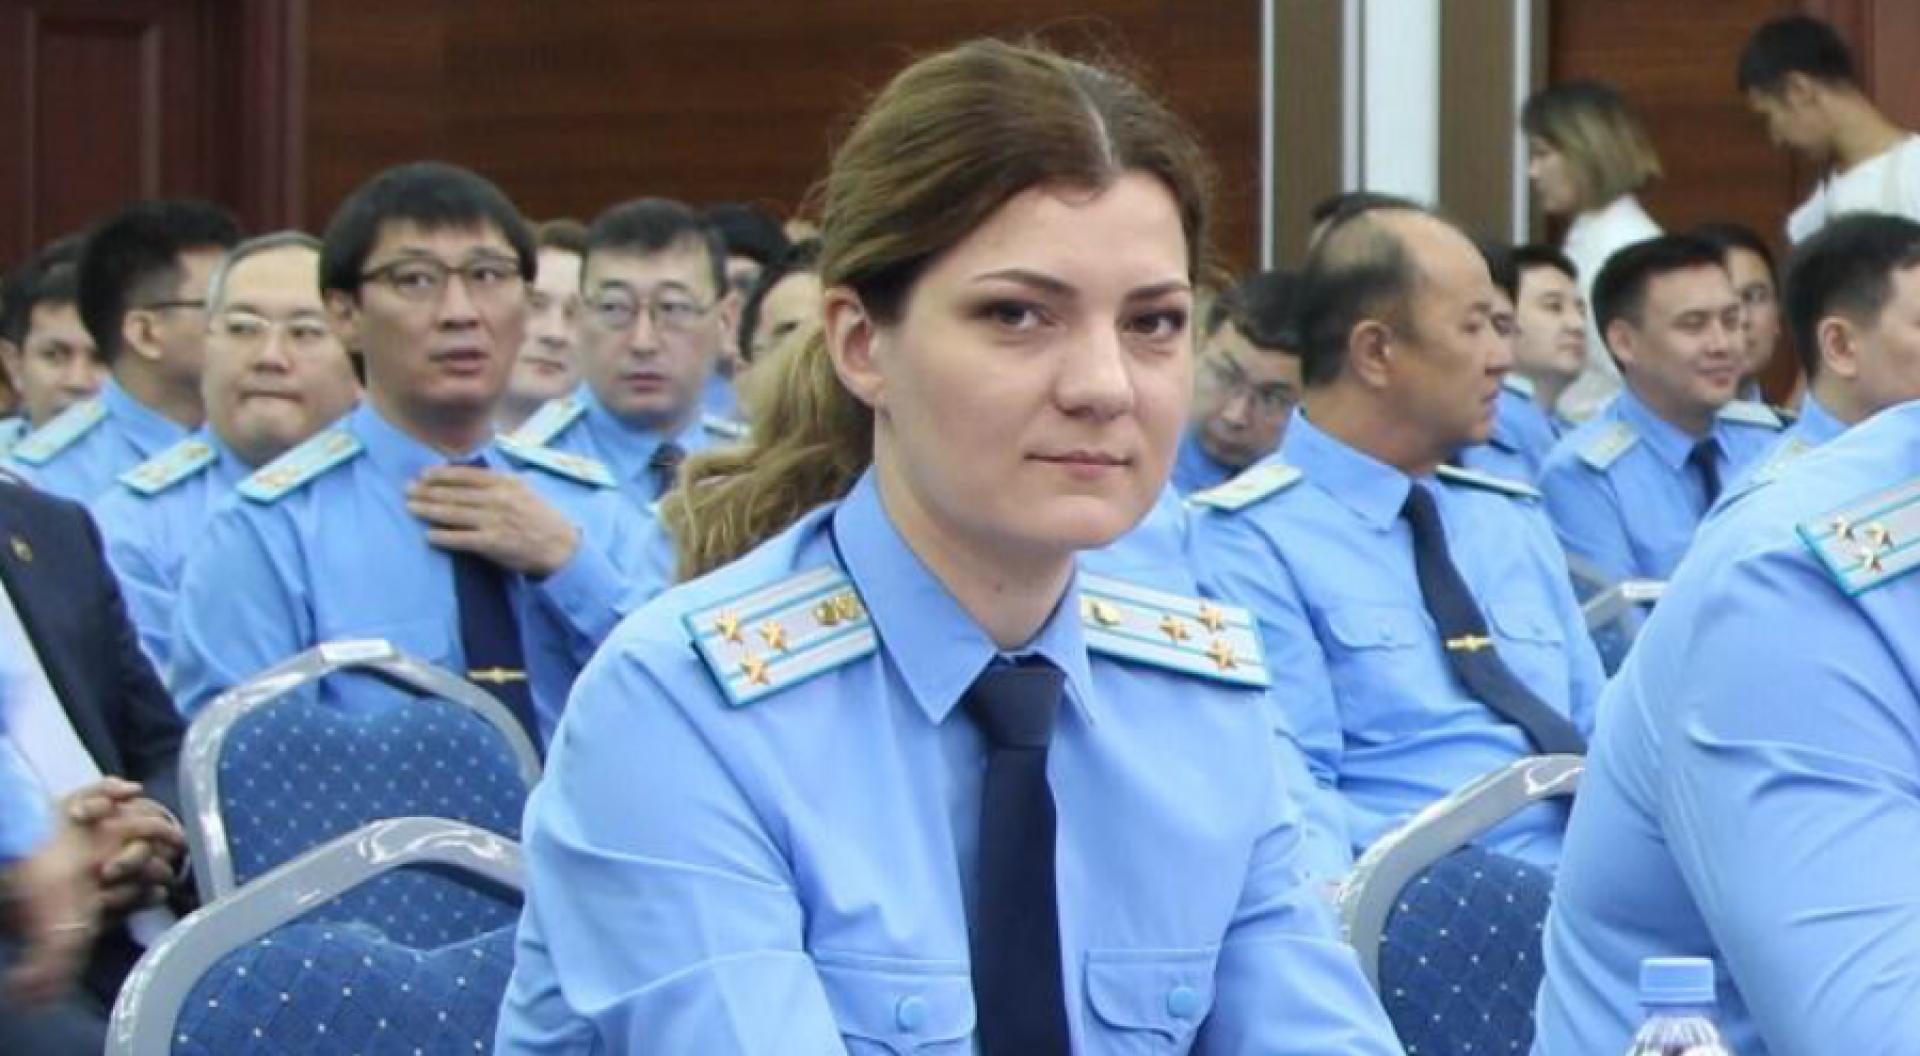 Прекращено дело в отношении Олеси Кексель – МВД РК опровергло данную информацию